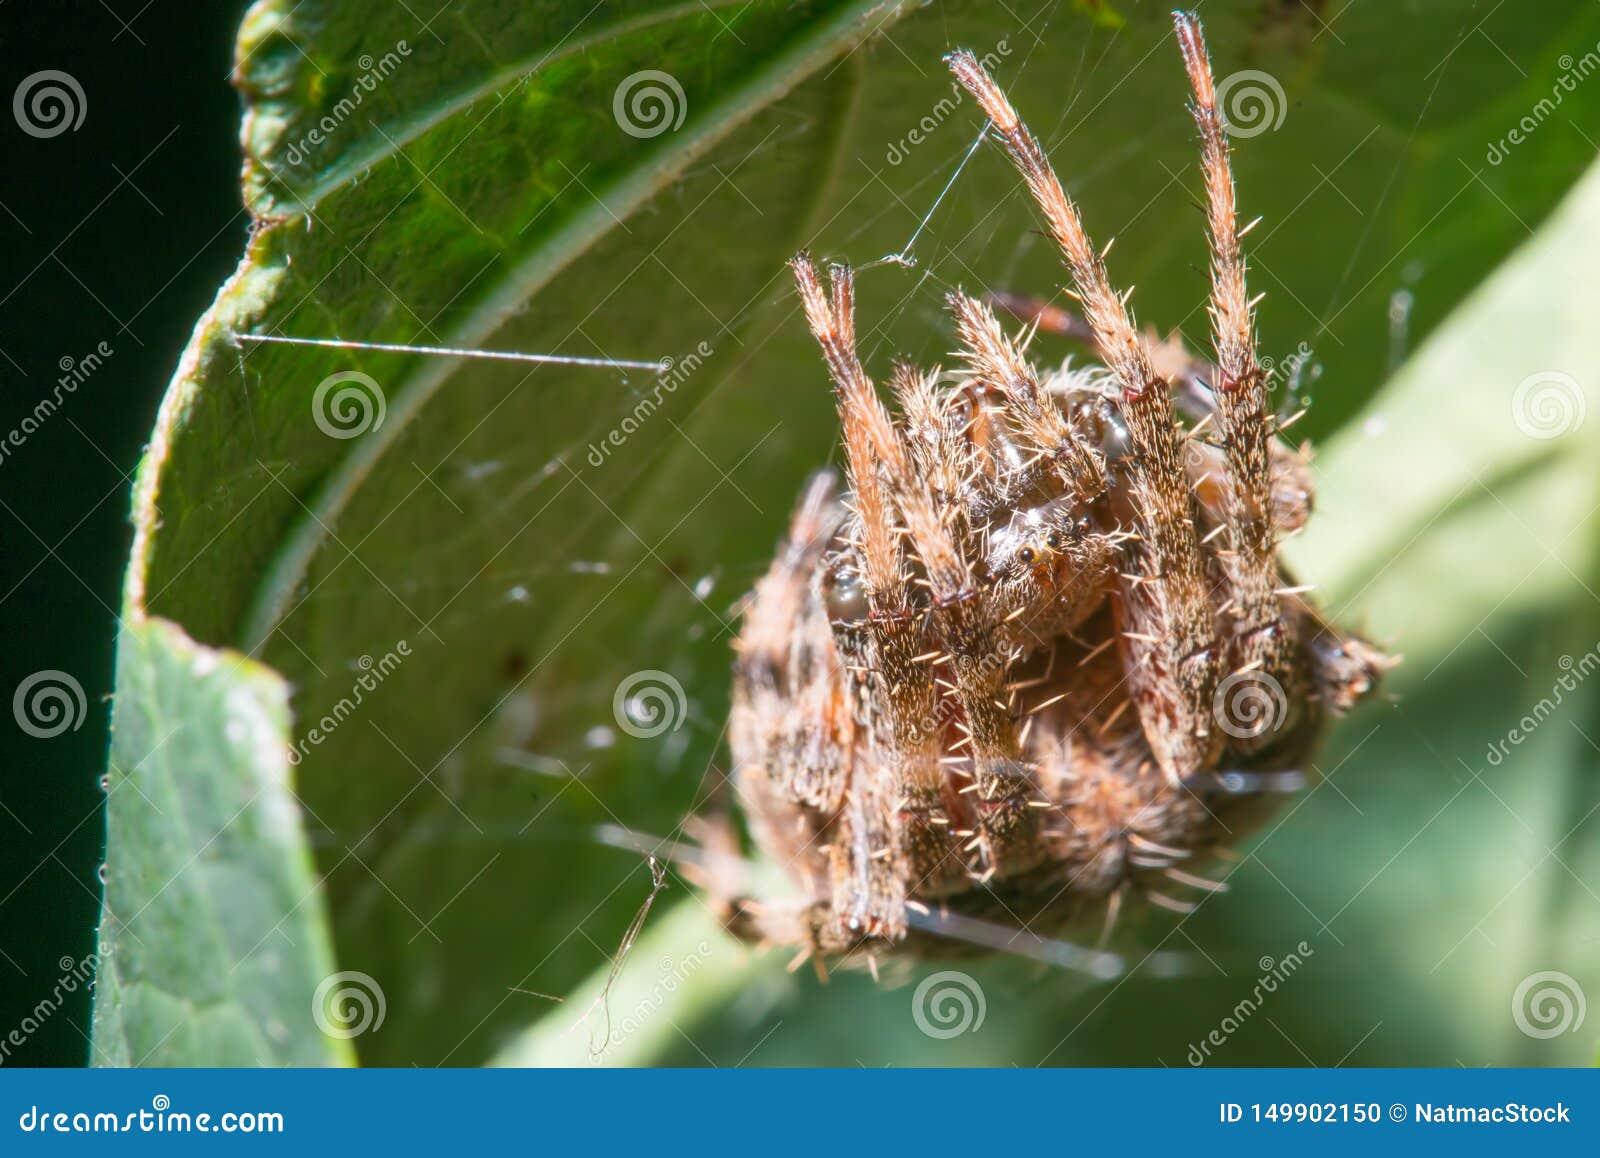 Espèces d araignée d arachnide d arrière-cour en son Web sur le postérieur d une feuille verte - au Minnesota